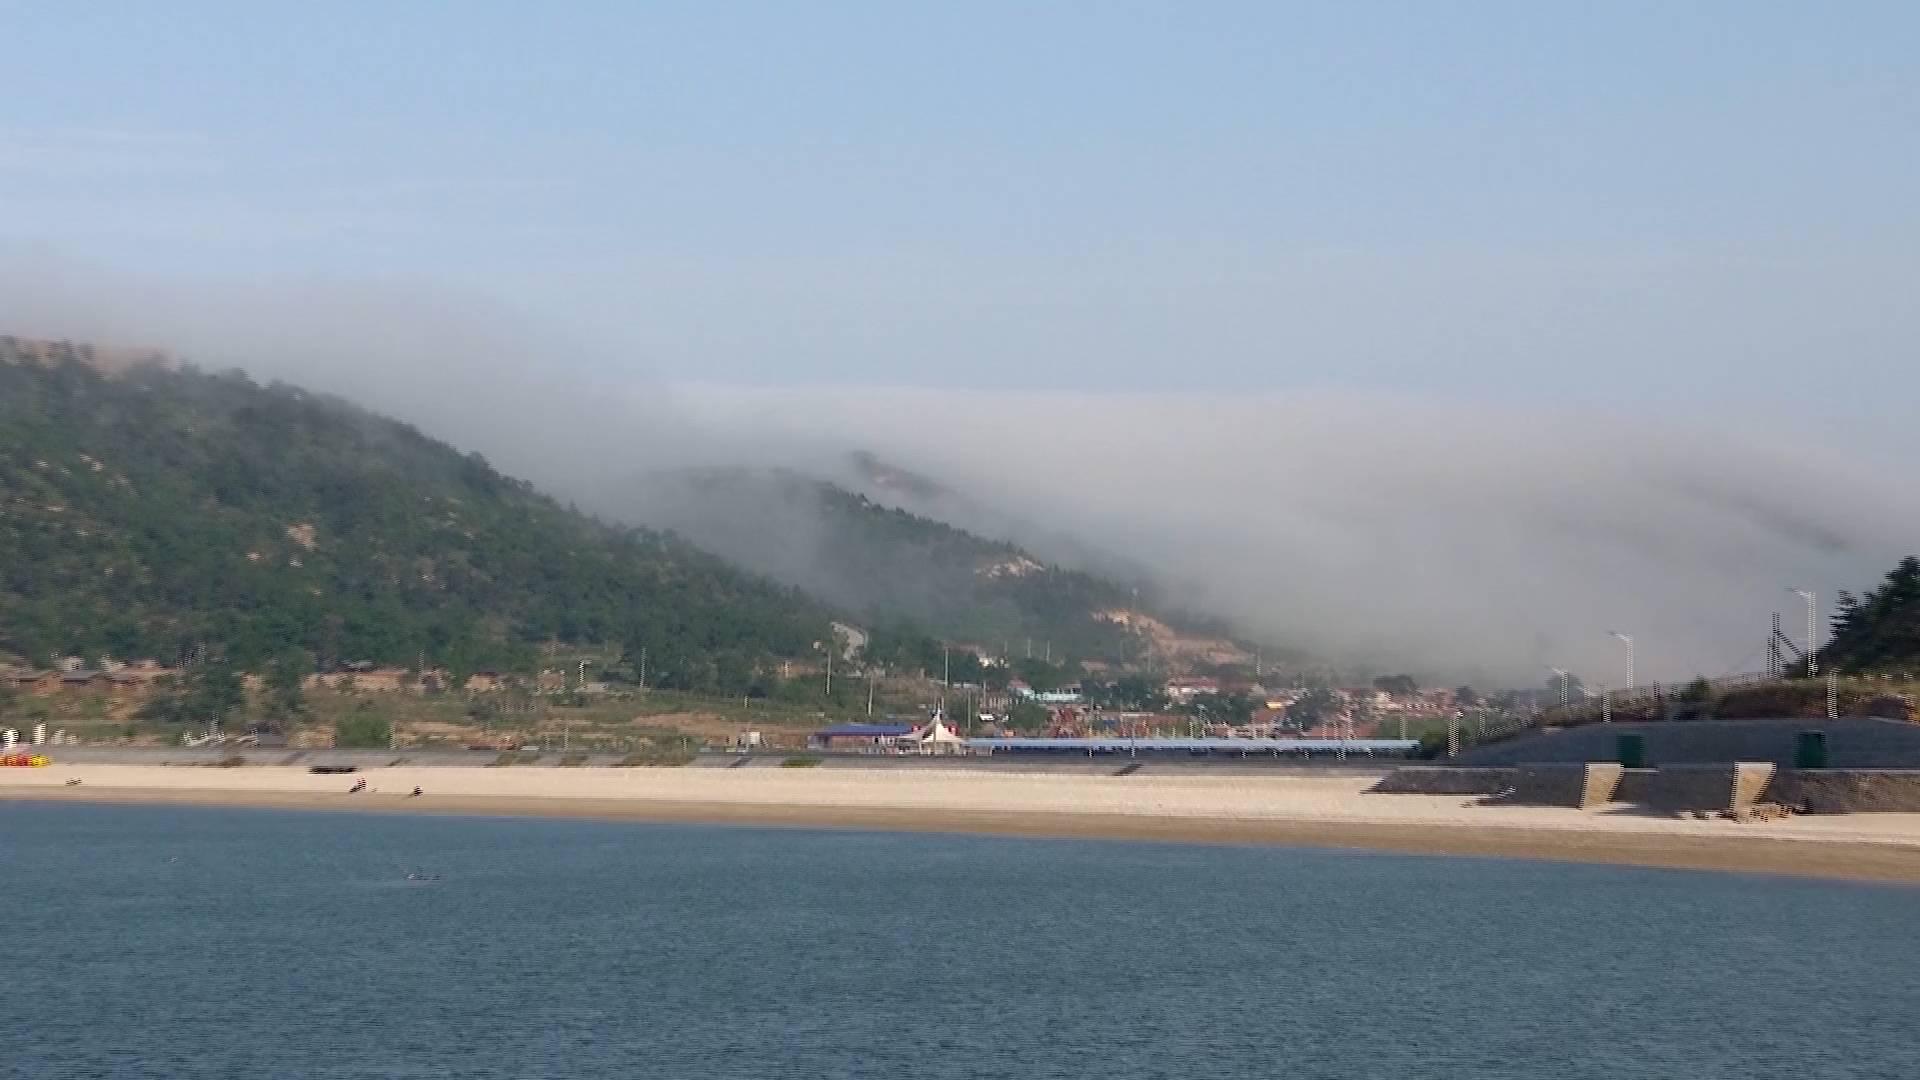 57秒丨山东长岛再现平流雾奇观 云海漫岛宛如仙境